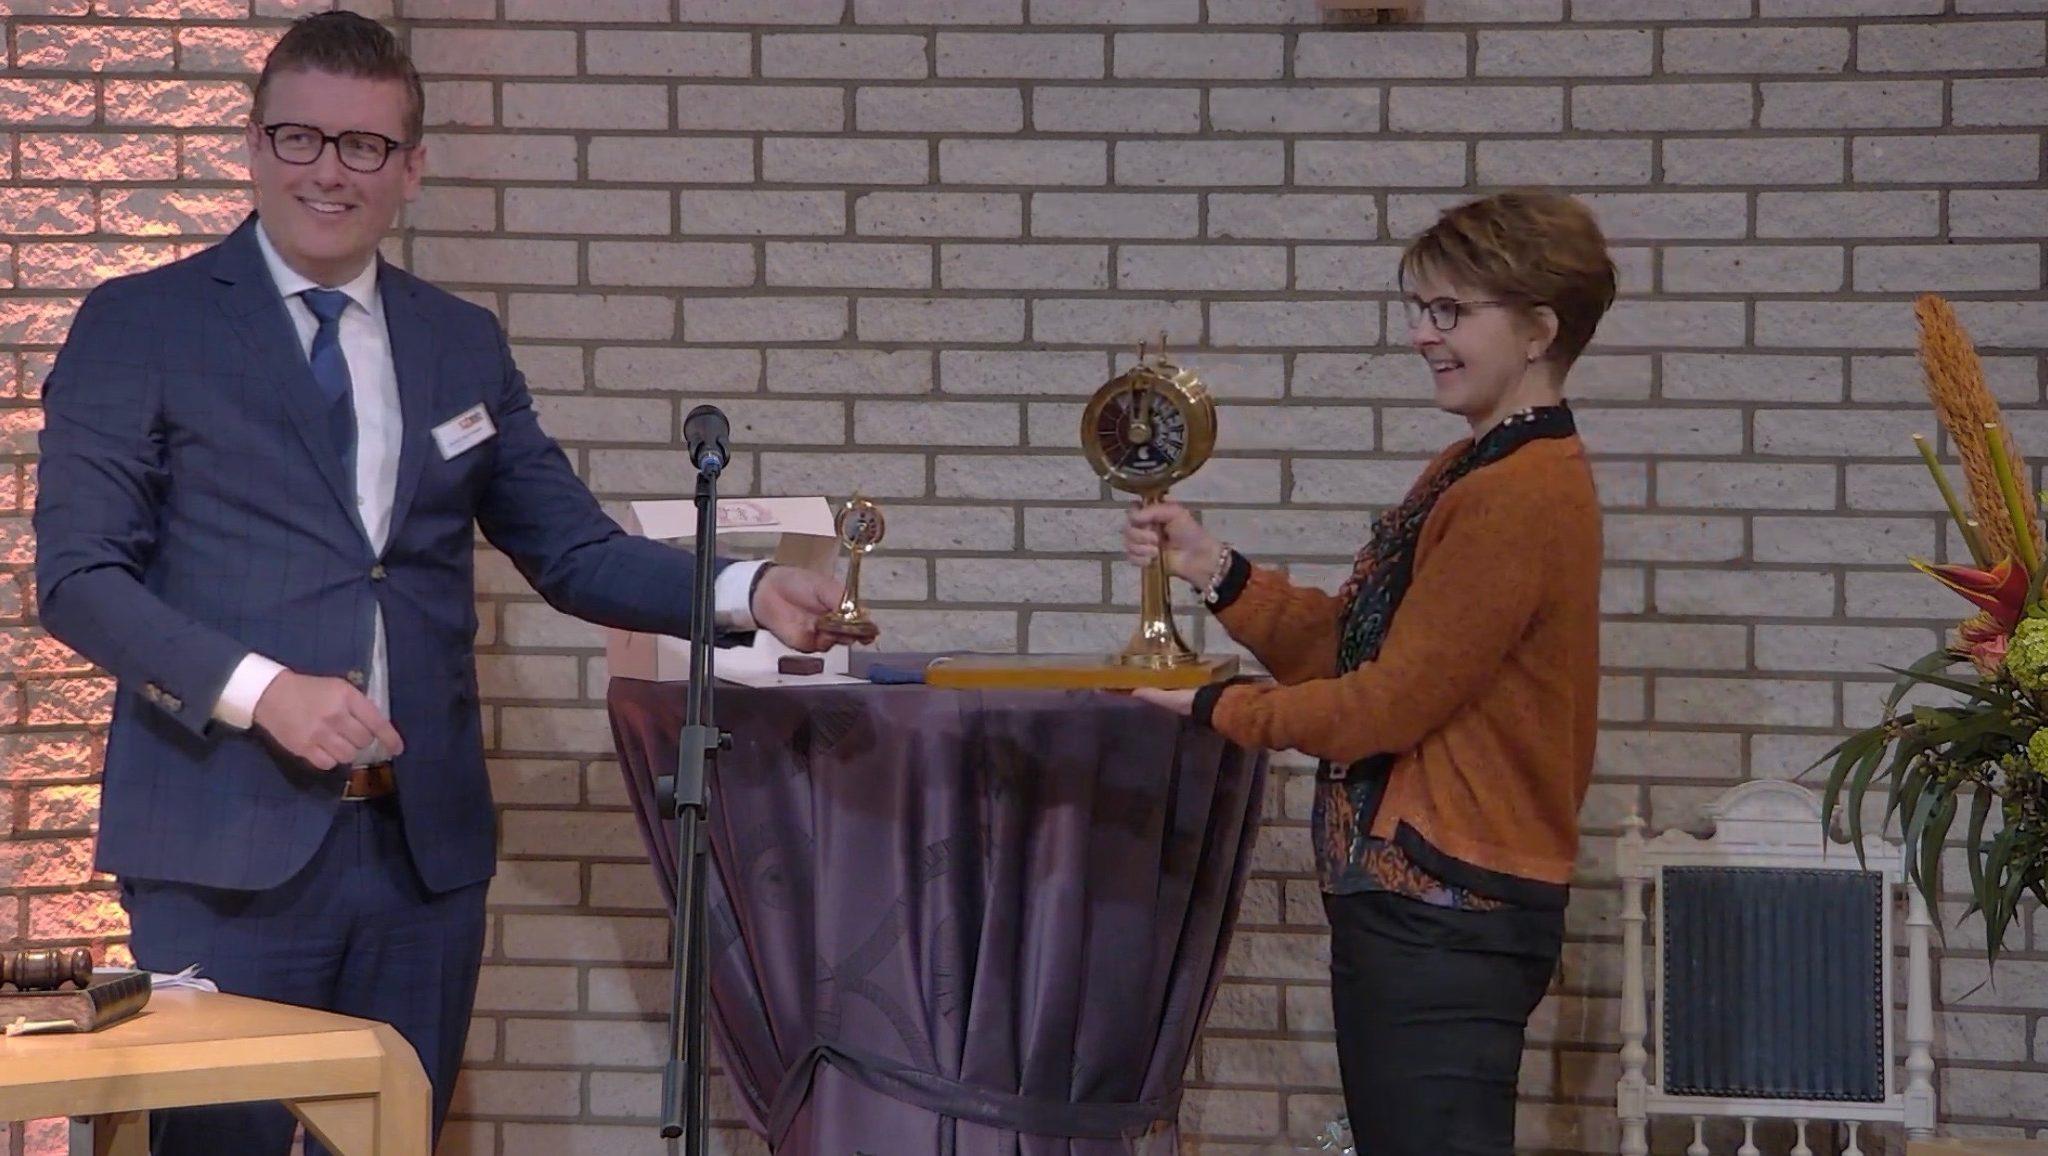 De Binnenvaartondernemers Wisseltrofee 2021 van het CBOB werd door voorzitter Marco Oosterwijk uitgereikt aan Patricia Rutjes van het Oudercontact LOVT. (Beeld uit de stream op YouTube).